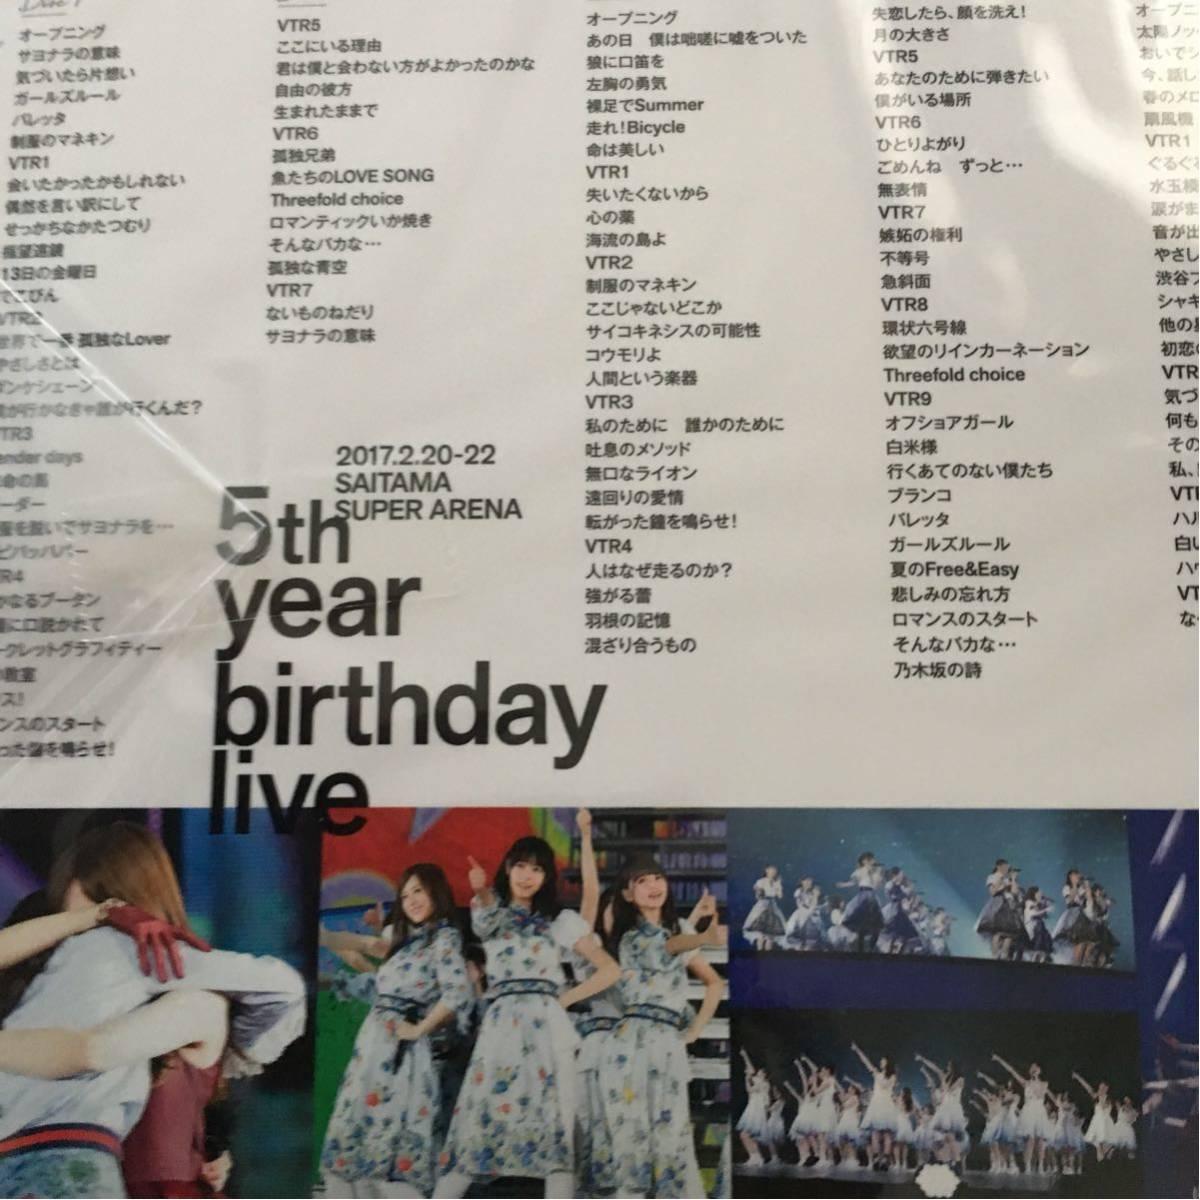 即決 乃木坂46 5th YEAR BIRTHDAY LIVE 2017.2.20-22 SAITAMA SUPER ARENA 完全生産限定盤 DVD 新品_画像3